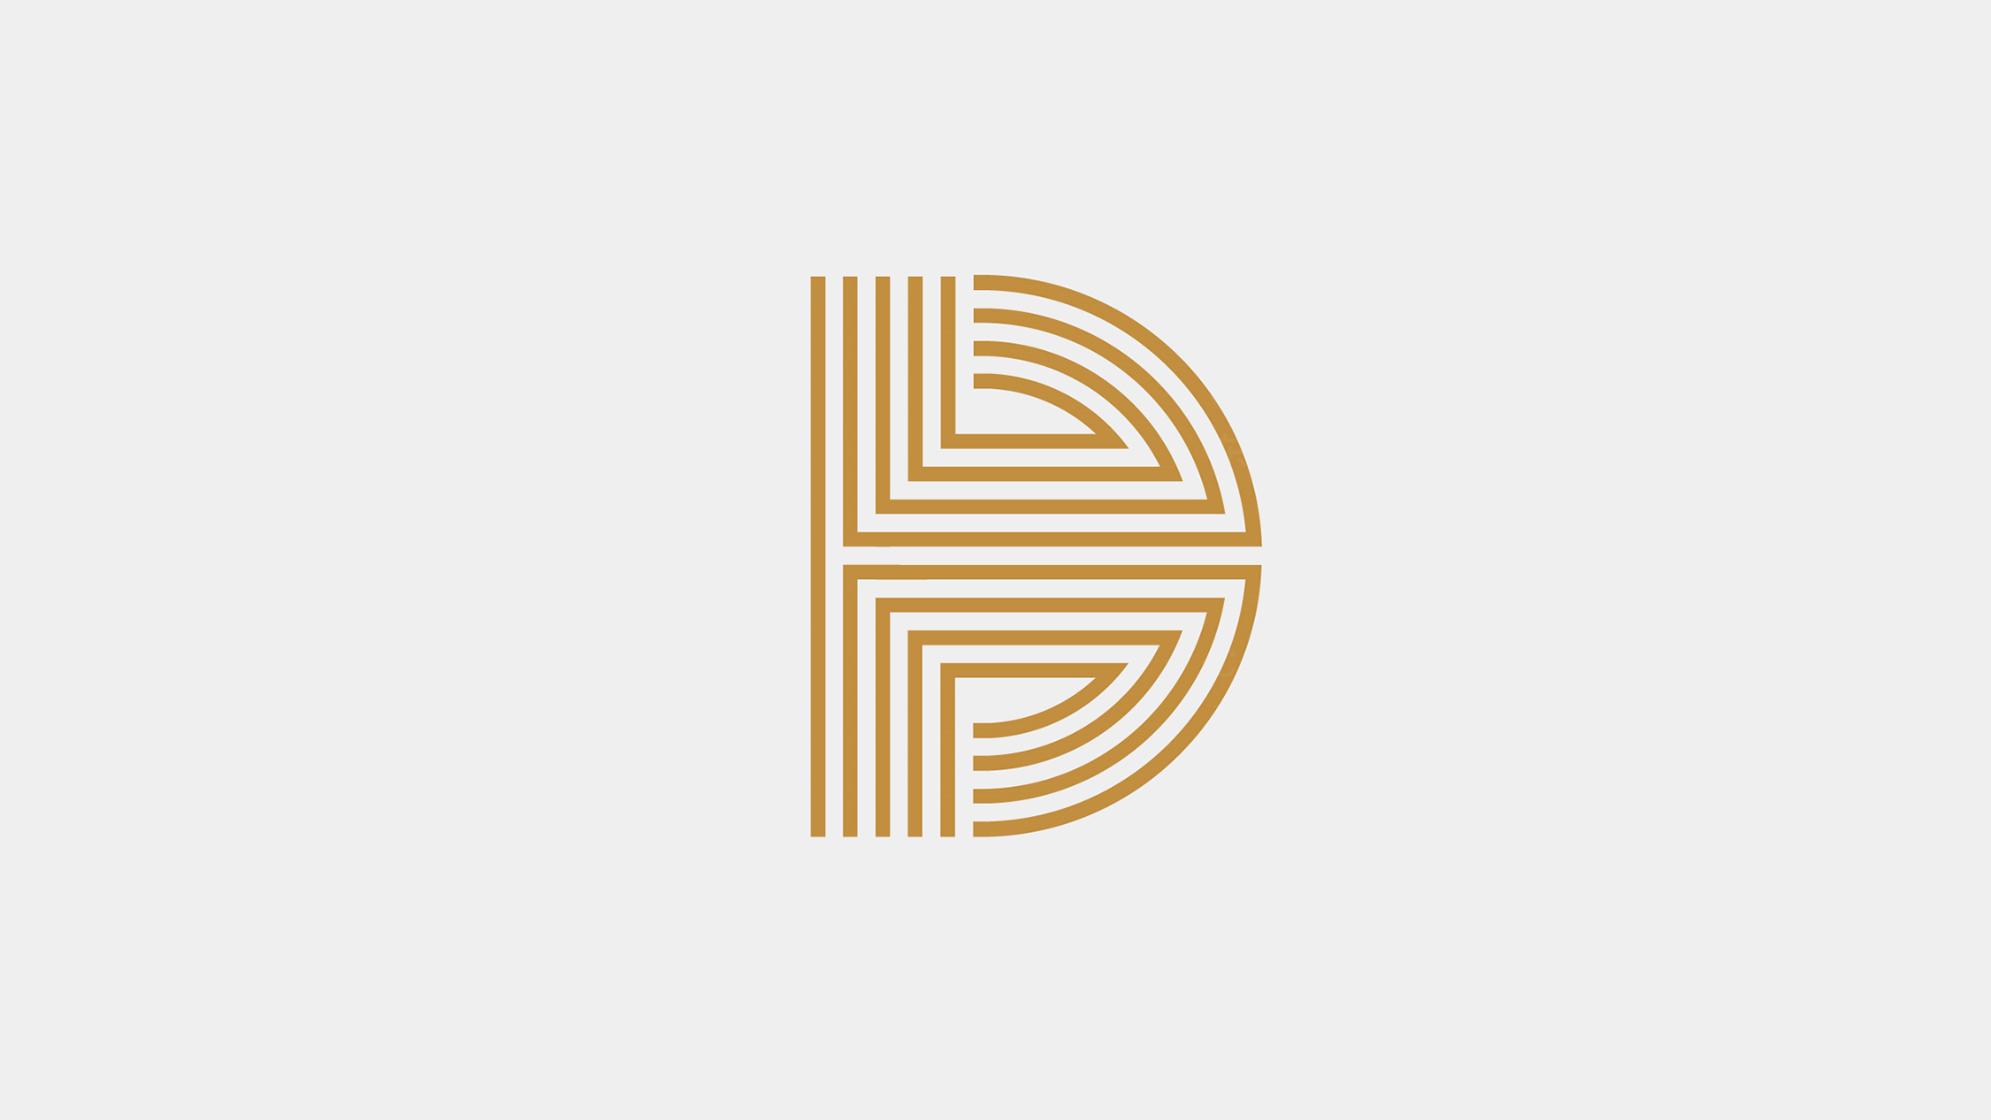 银行金融品牌设计弘达金融logo设计、vi设计